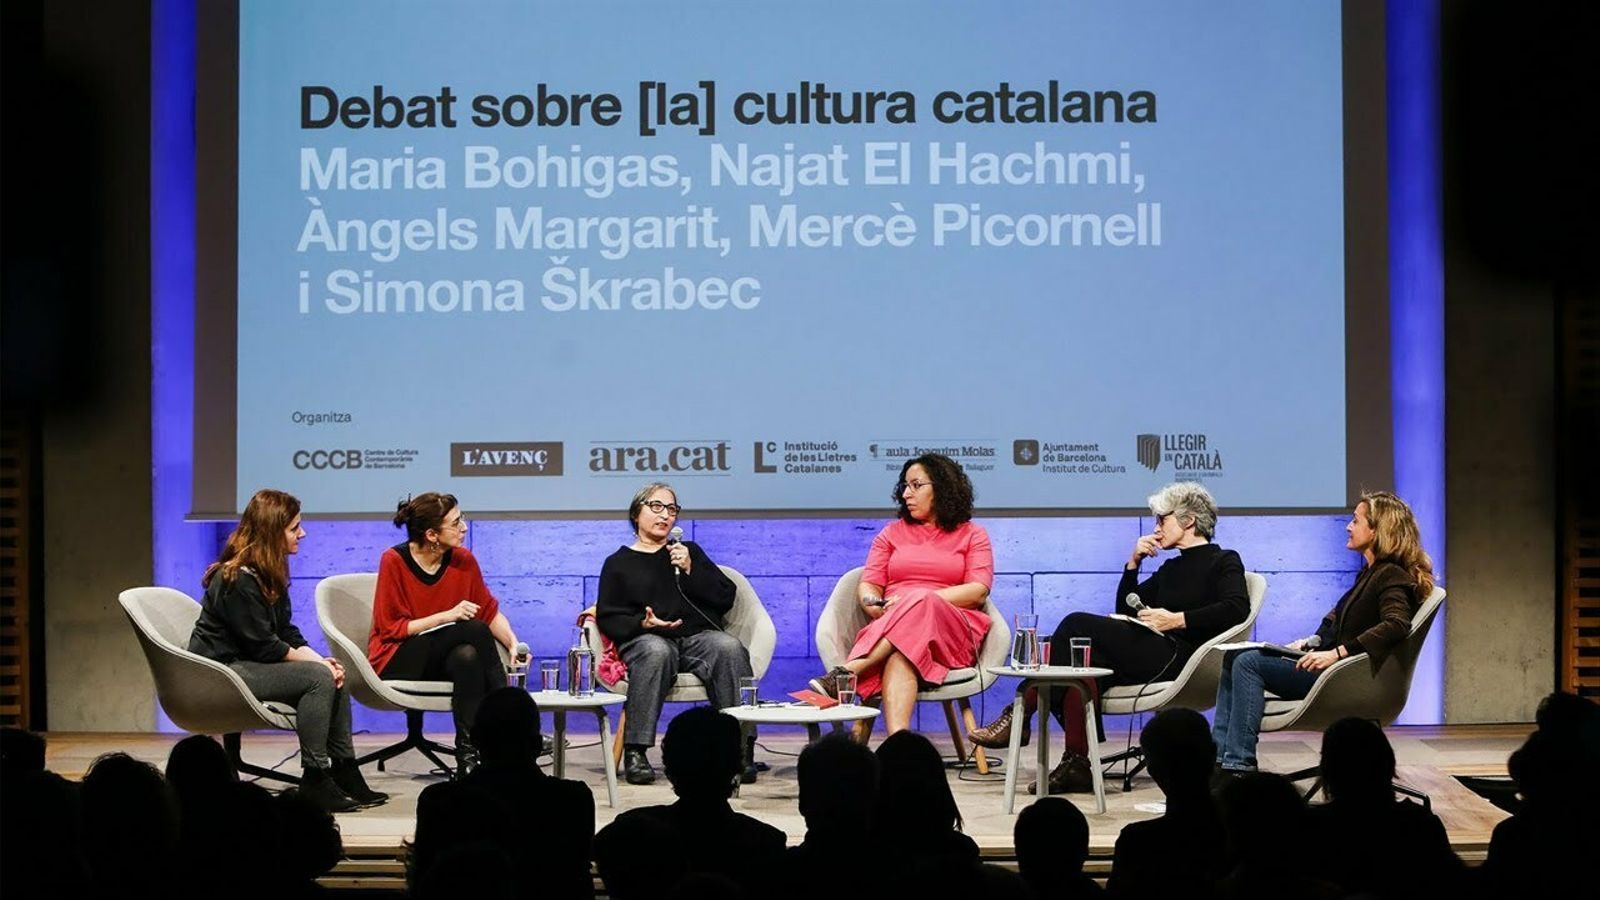 La cultura catalana, ¿qüestió de voluntarisme o de masoquisme?